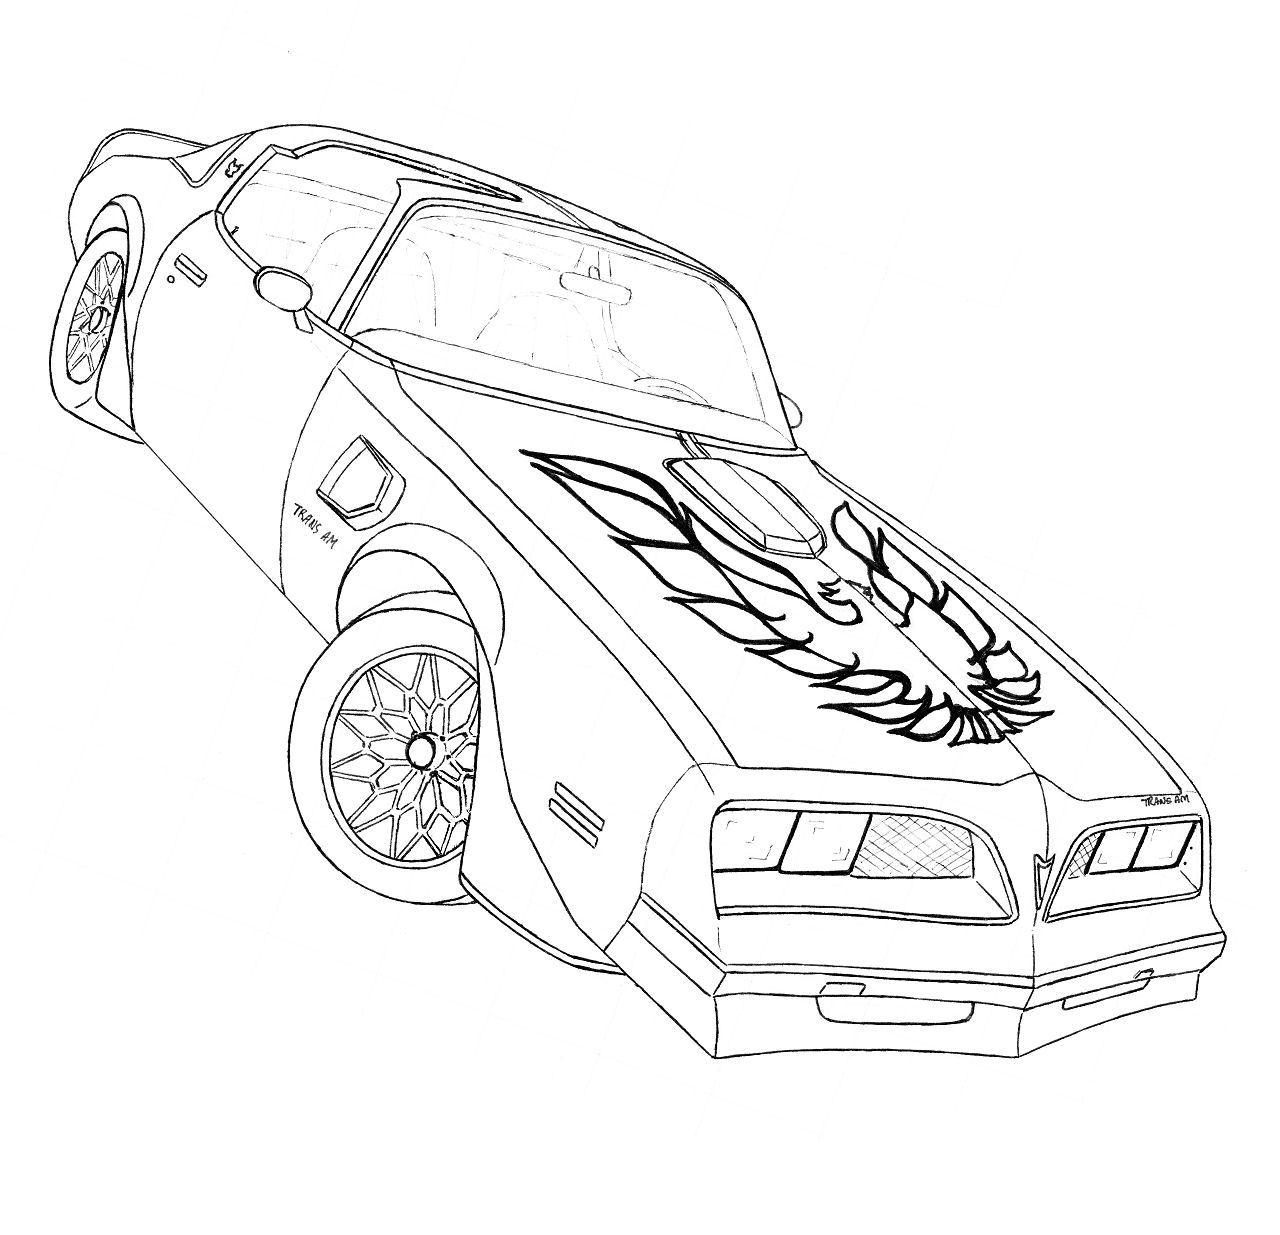 Trans Am Drawing At Getdrawings